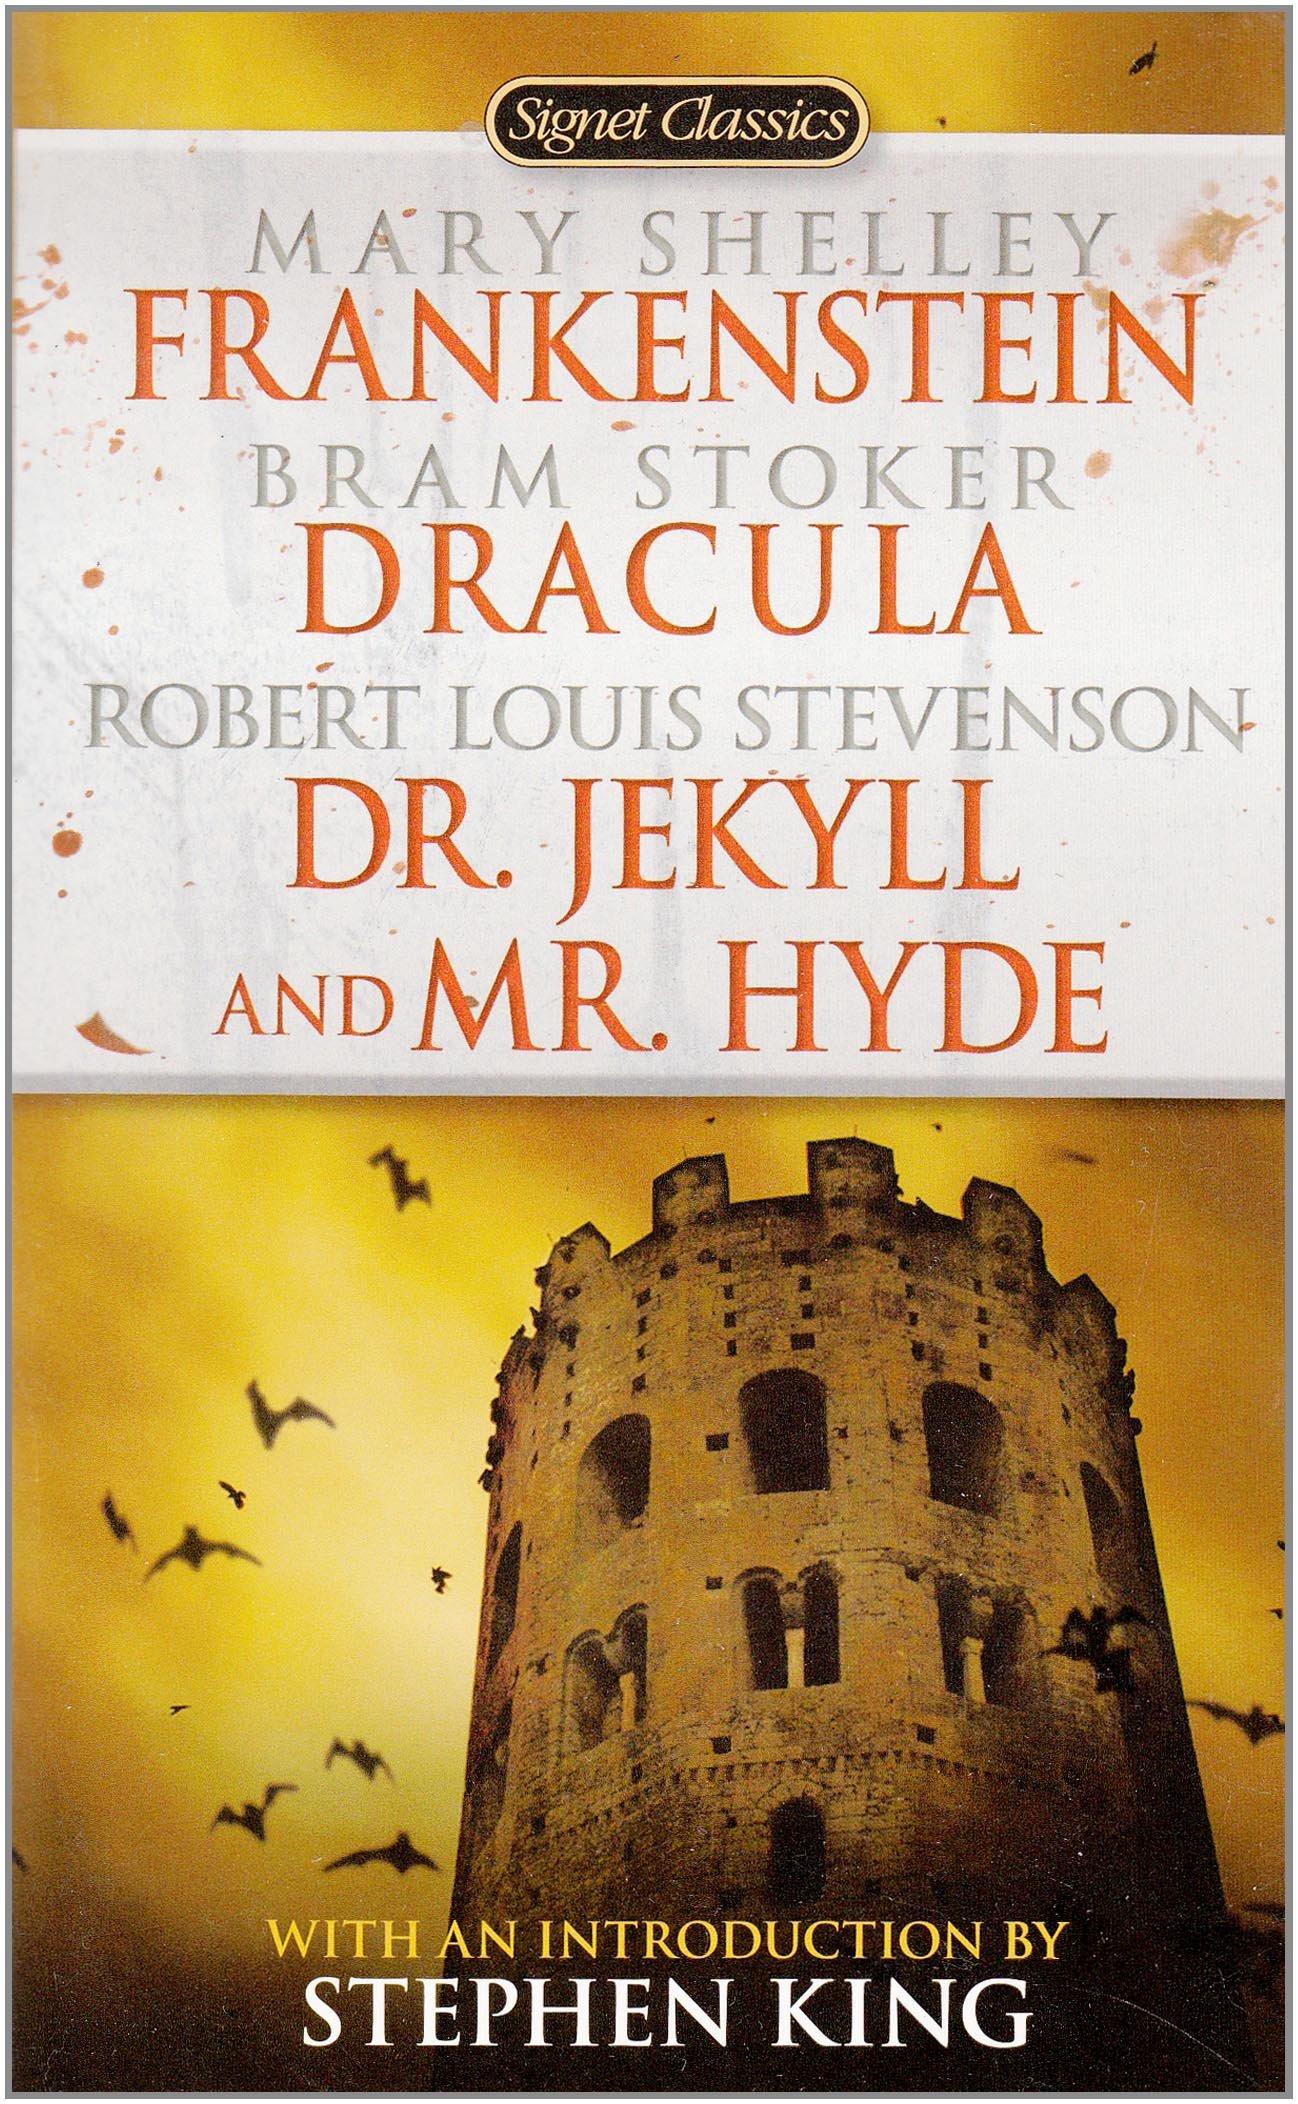 Frankenstein, Dracula, Dr. Jekyll and Mr. Hyde (Signet Classics): Mary  Shelley, Bram Stoker, Robert Louis Stevenson, Stephen King: 9780451523631:  ...